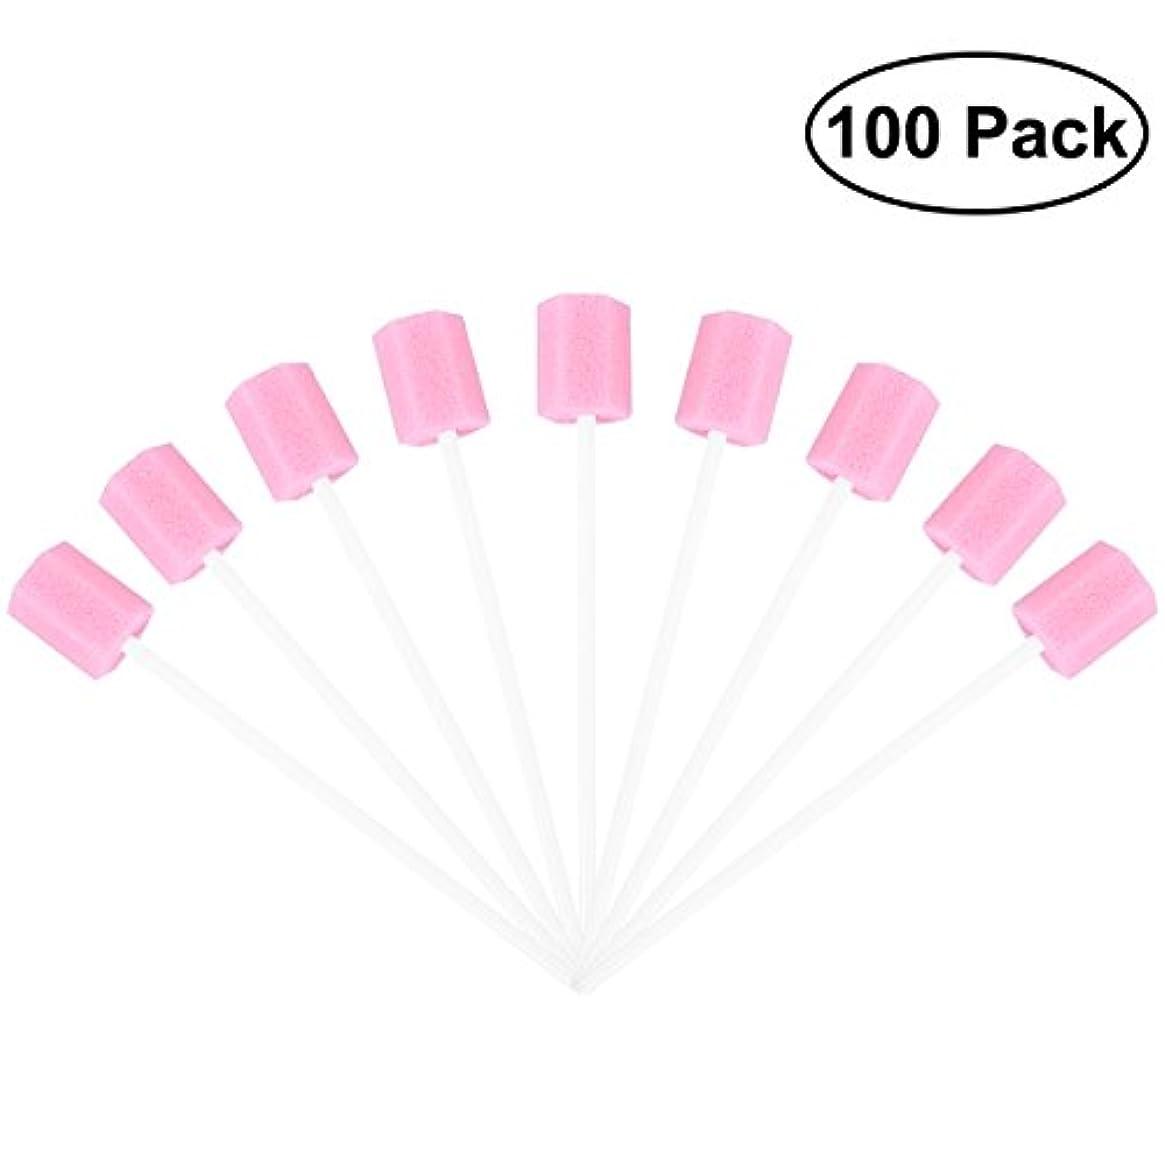 分割復活眠りROSENICE 使い捨てオーラルケアスポンジスワブ歯口洗浄スワブ100個(ピンク)